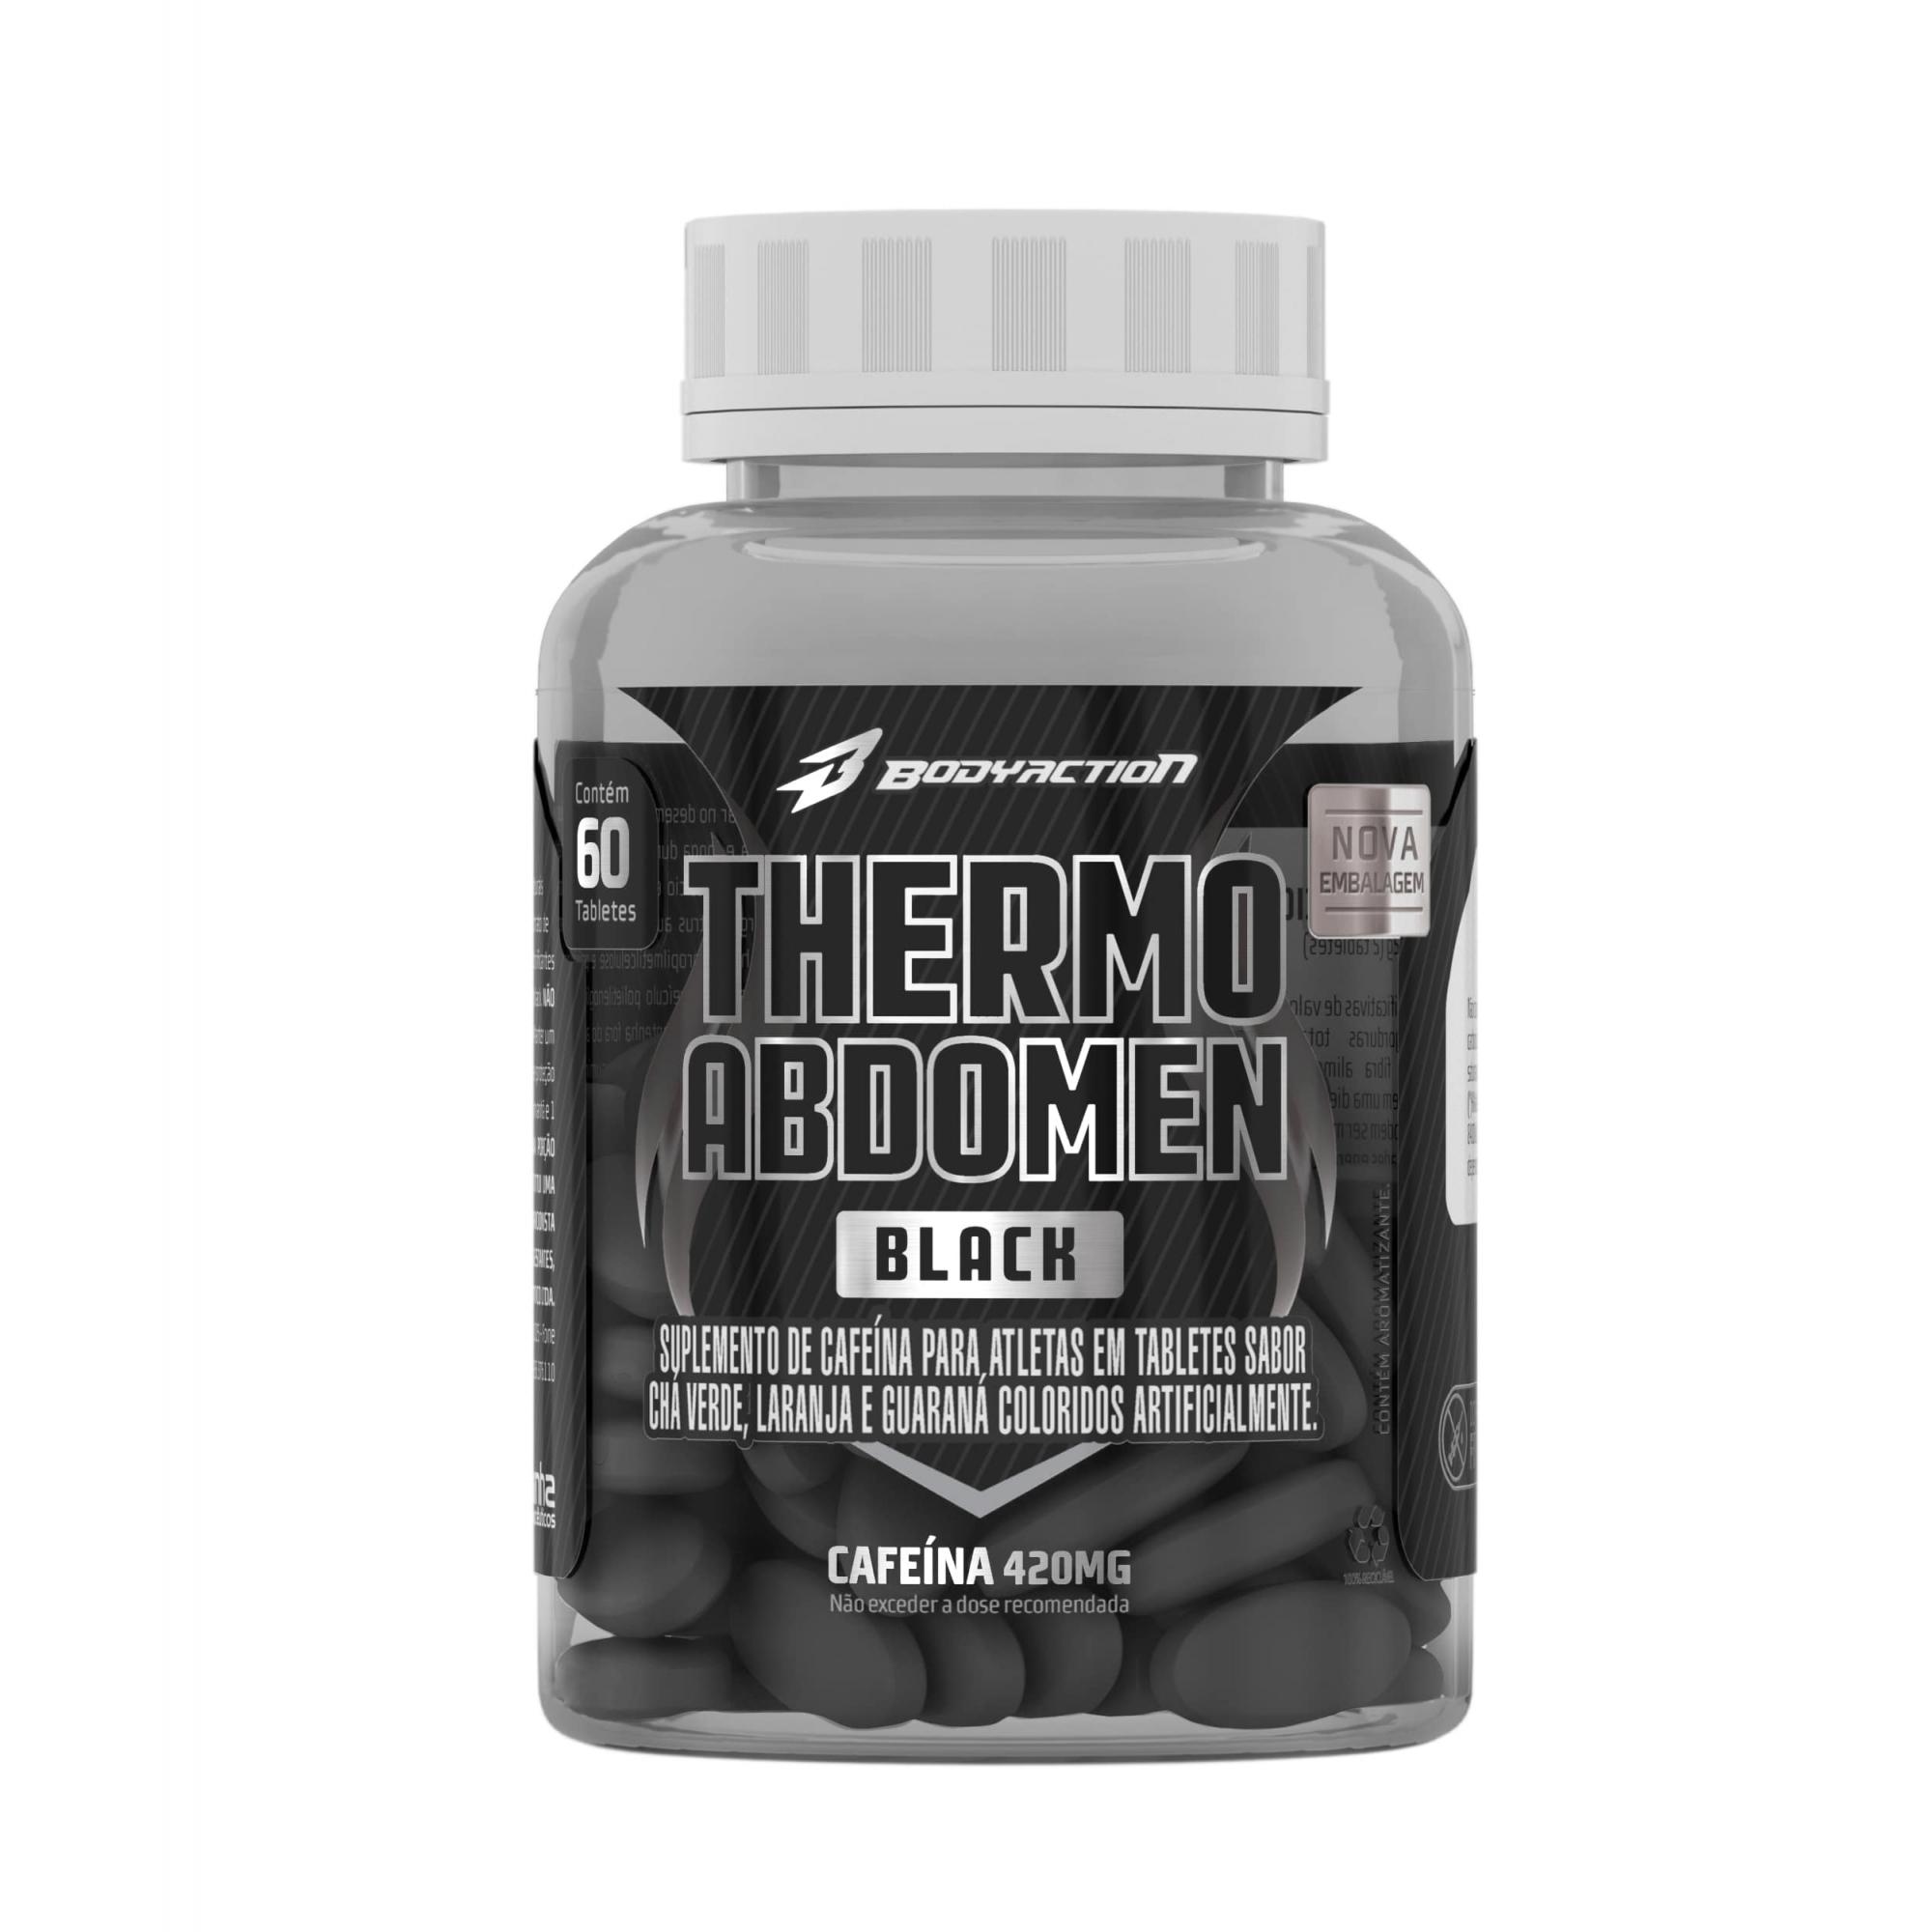 THERMO ABDOMEN BLACK 60 COMPRIMIDOS